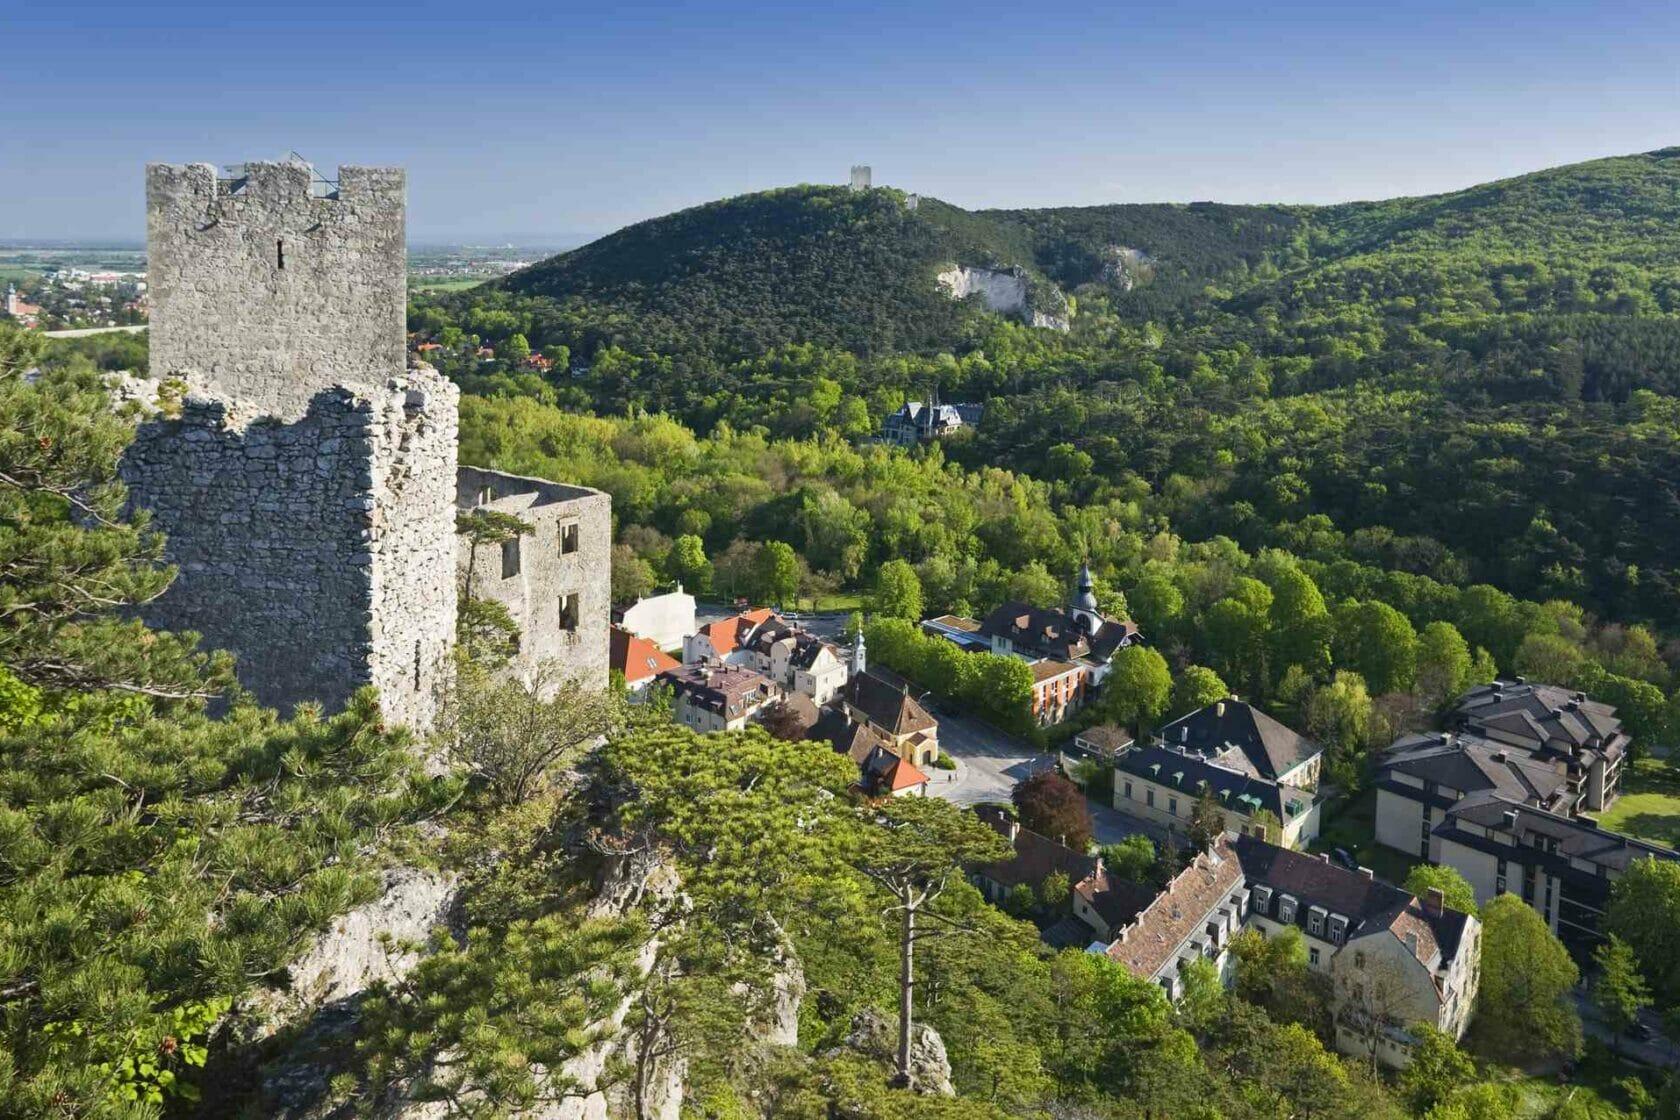 Österreich, Niederösterreich, Baden bei Wien, Thermenregion, Helental, Ruine, Rauhenstein, Rauheneck, Burg, Aussicht